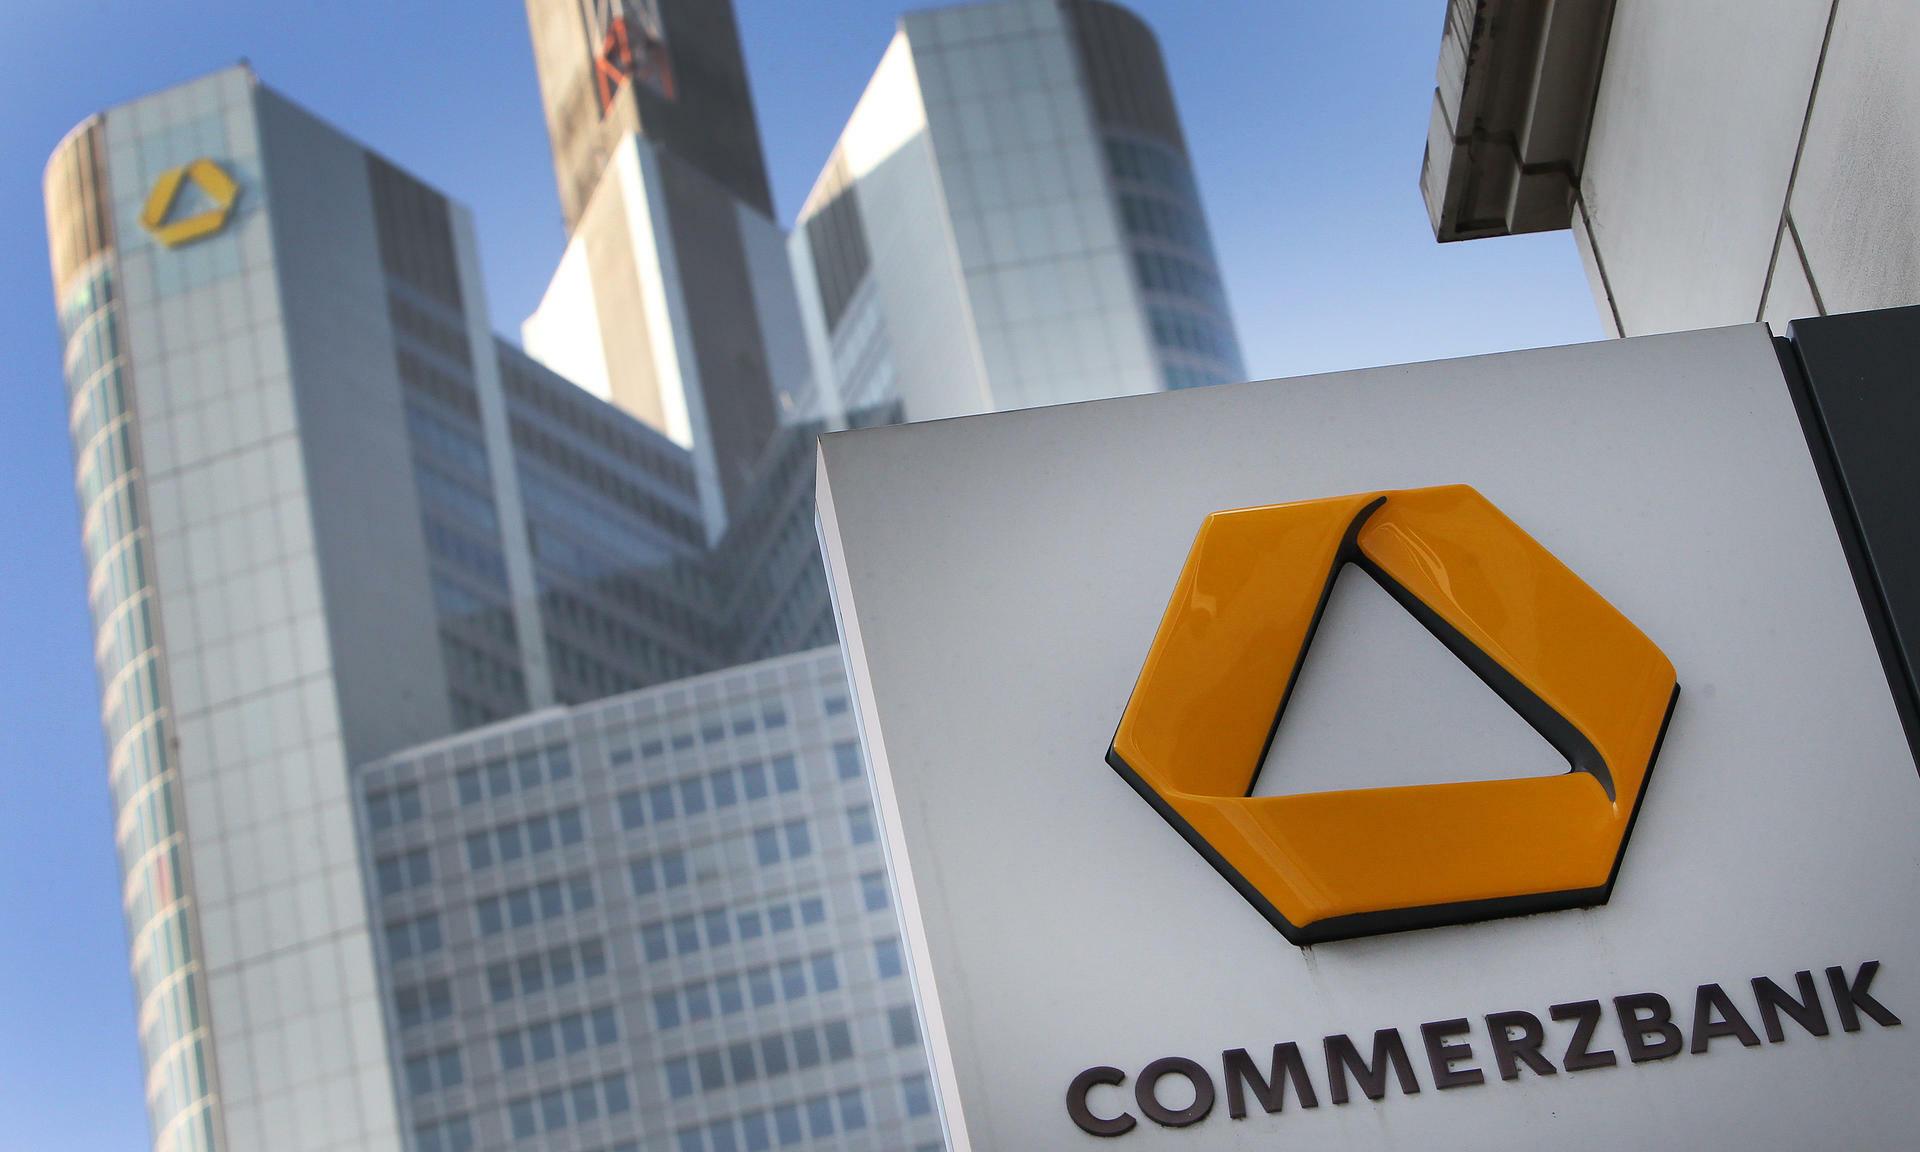 Ratenkredite Commerzbank Macht Schluss Mit Bnp Paribas